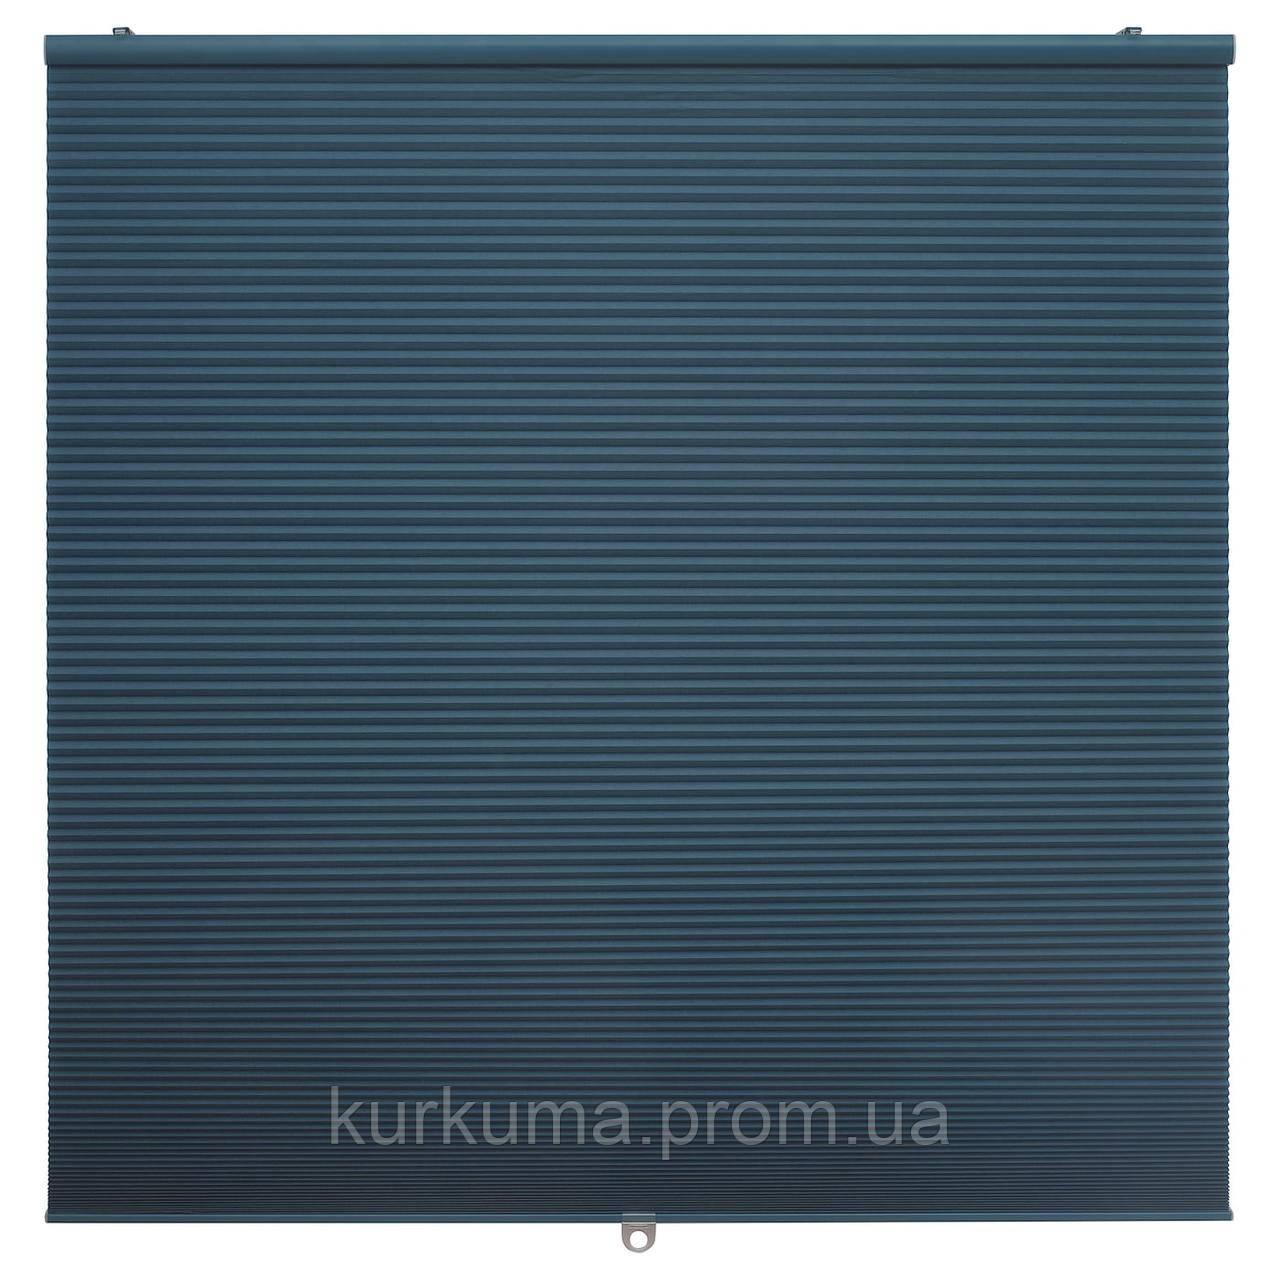 IKEA HOPPVALS Затемняющие сотовидные жалюзи, синий, 80x155 см (304.510.29)